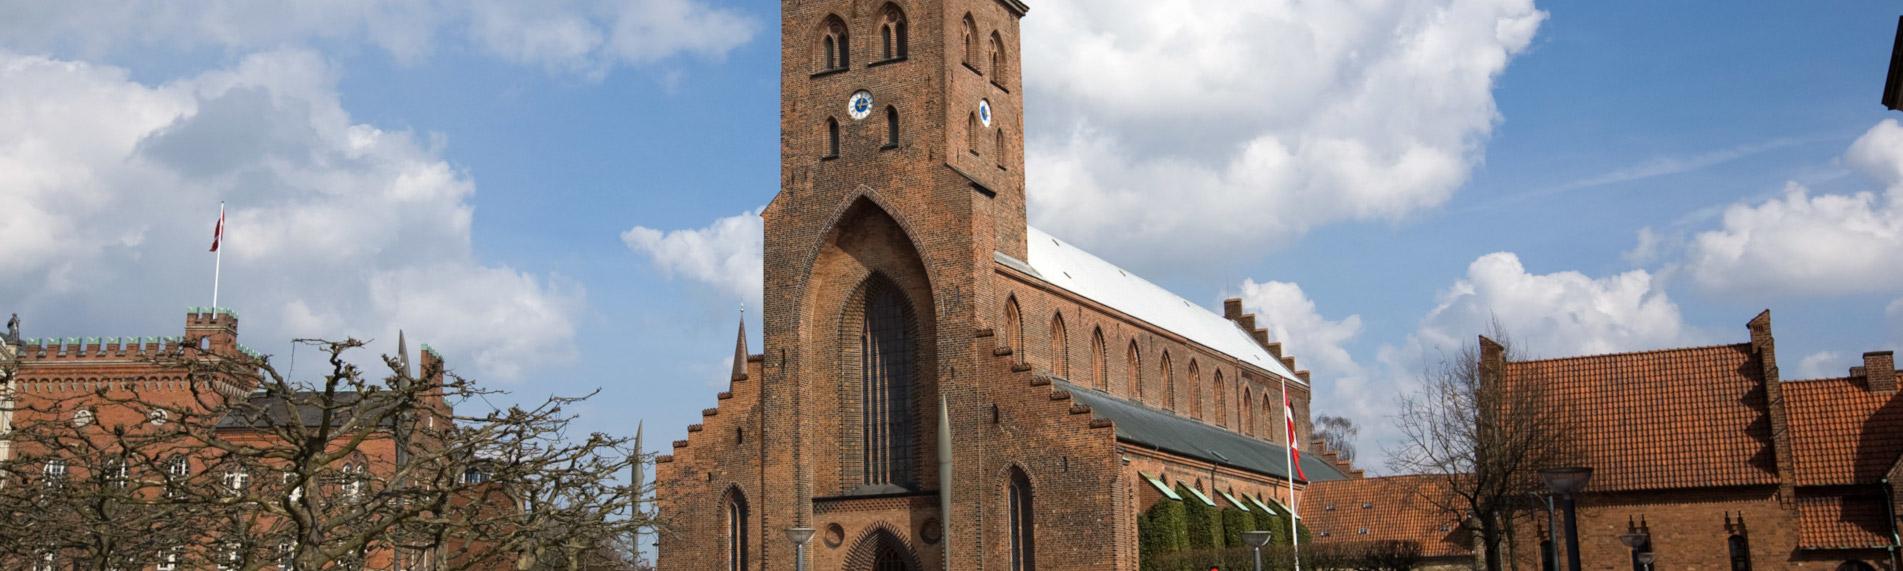 Odense Domkirke har stor gavn af korrekt og kontrollerbar befugtning